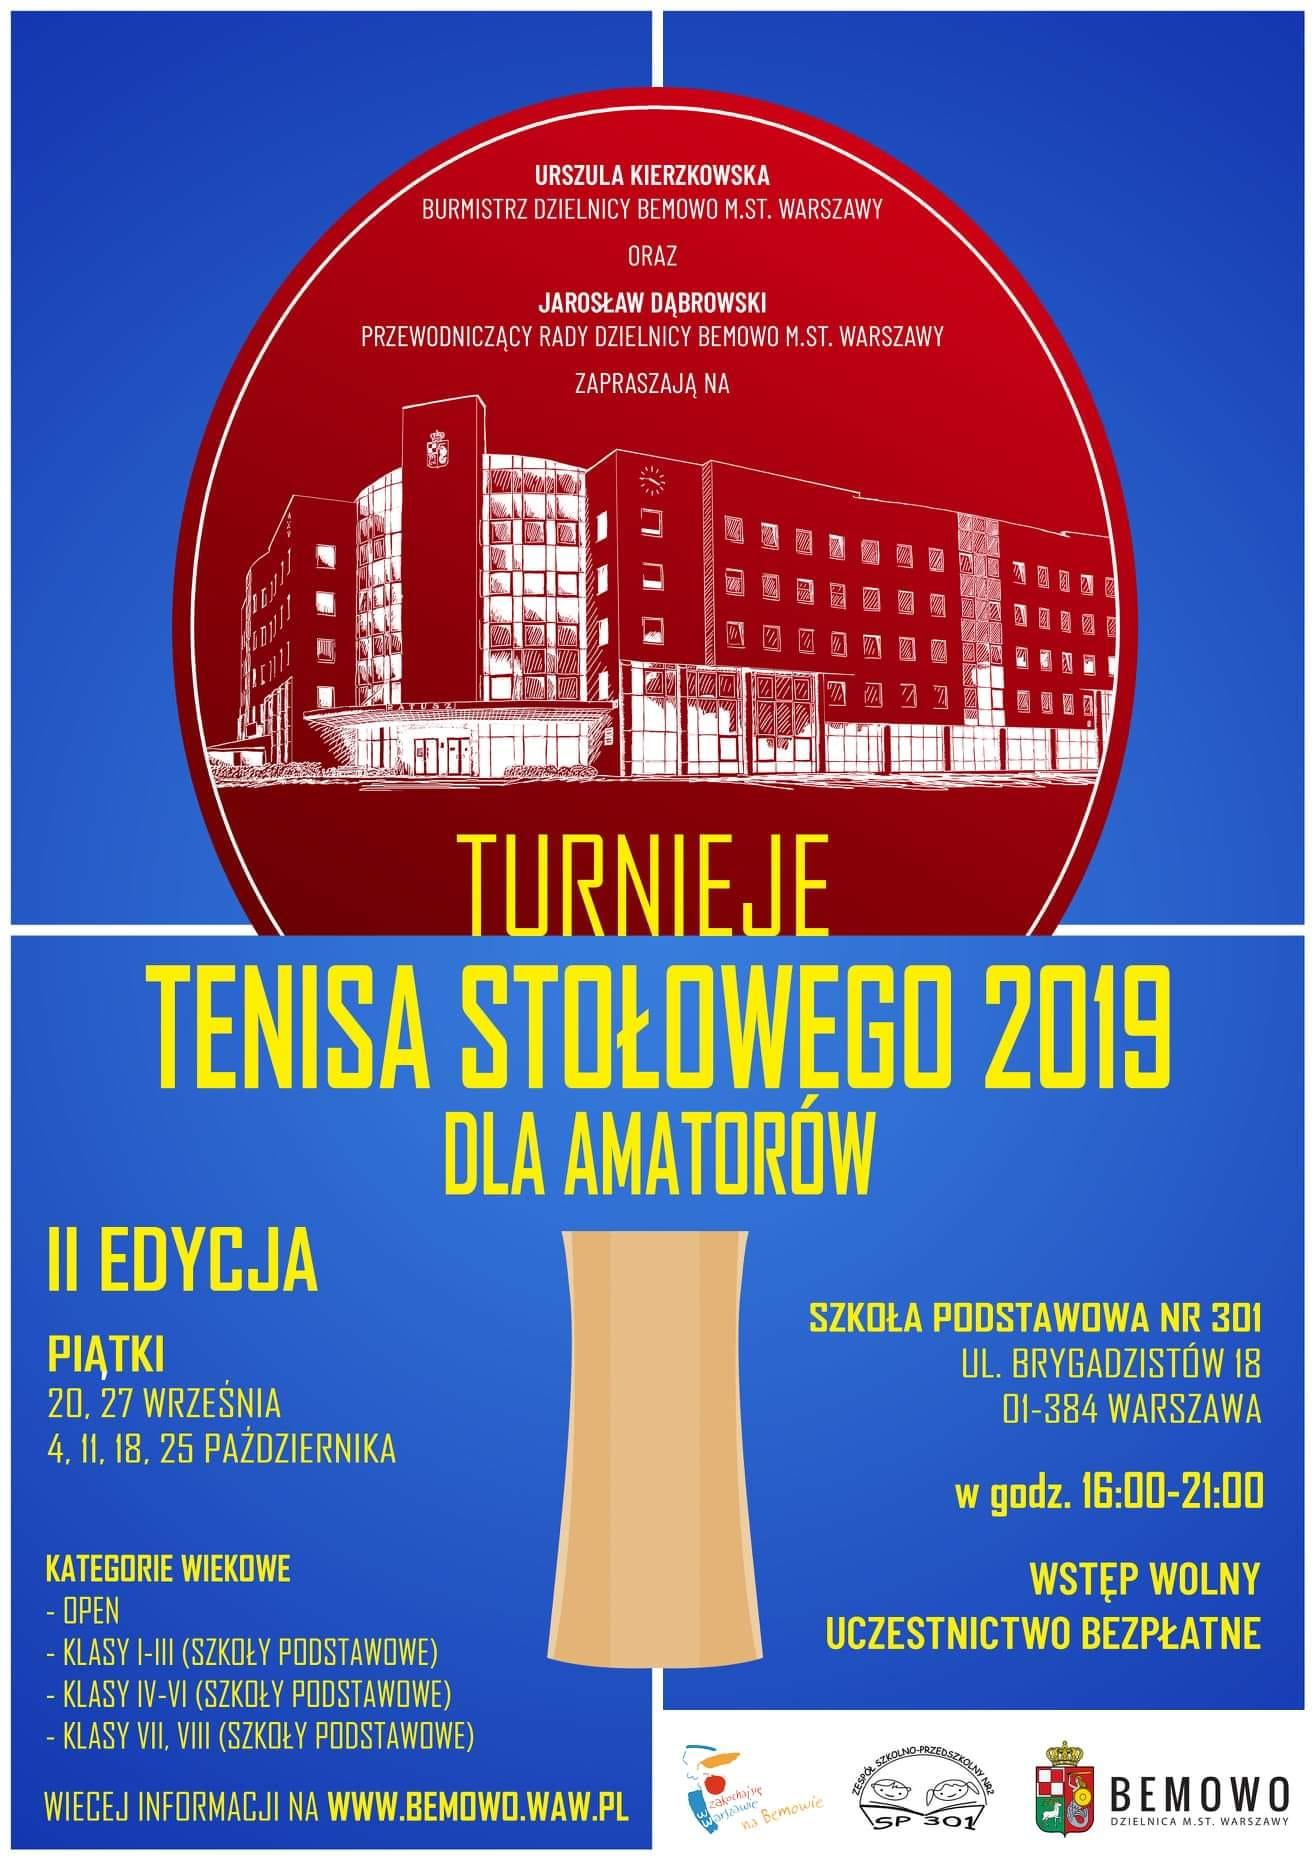 Plakat turnieju Turnieje tenisa stołowego Bemowo - Brygadzistów (4 października 2019) - II EDYCJA